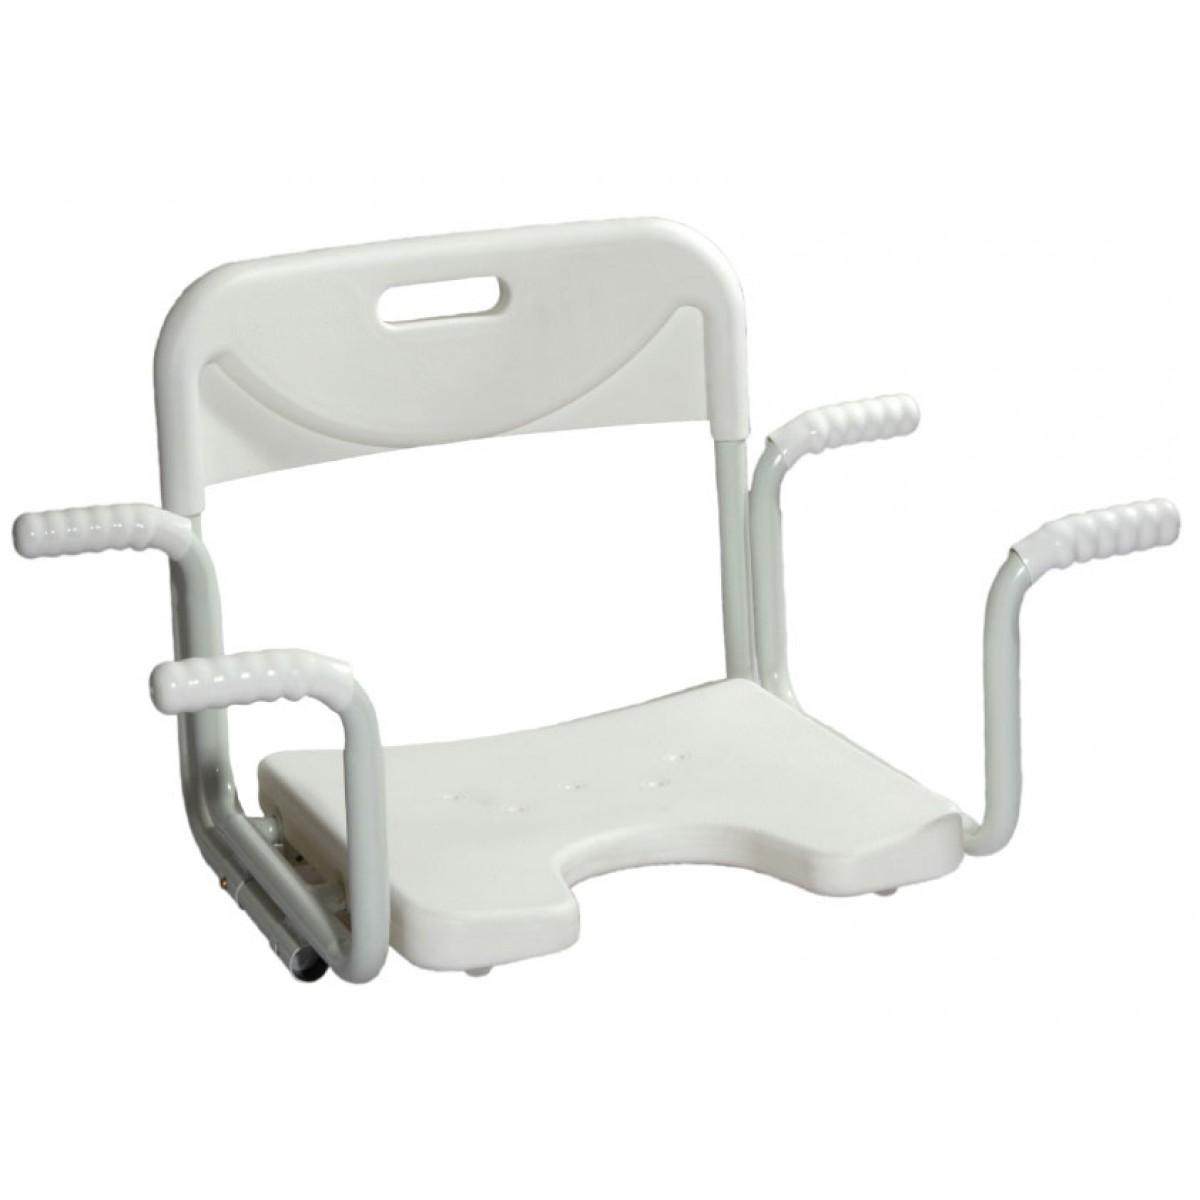 Sedile con schienale per vasca da bagno ausili per bagno - Prodotti per vasca da bagno ...